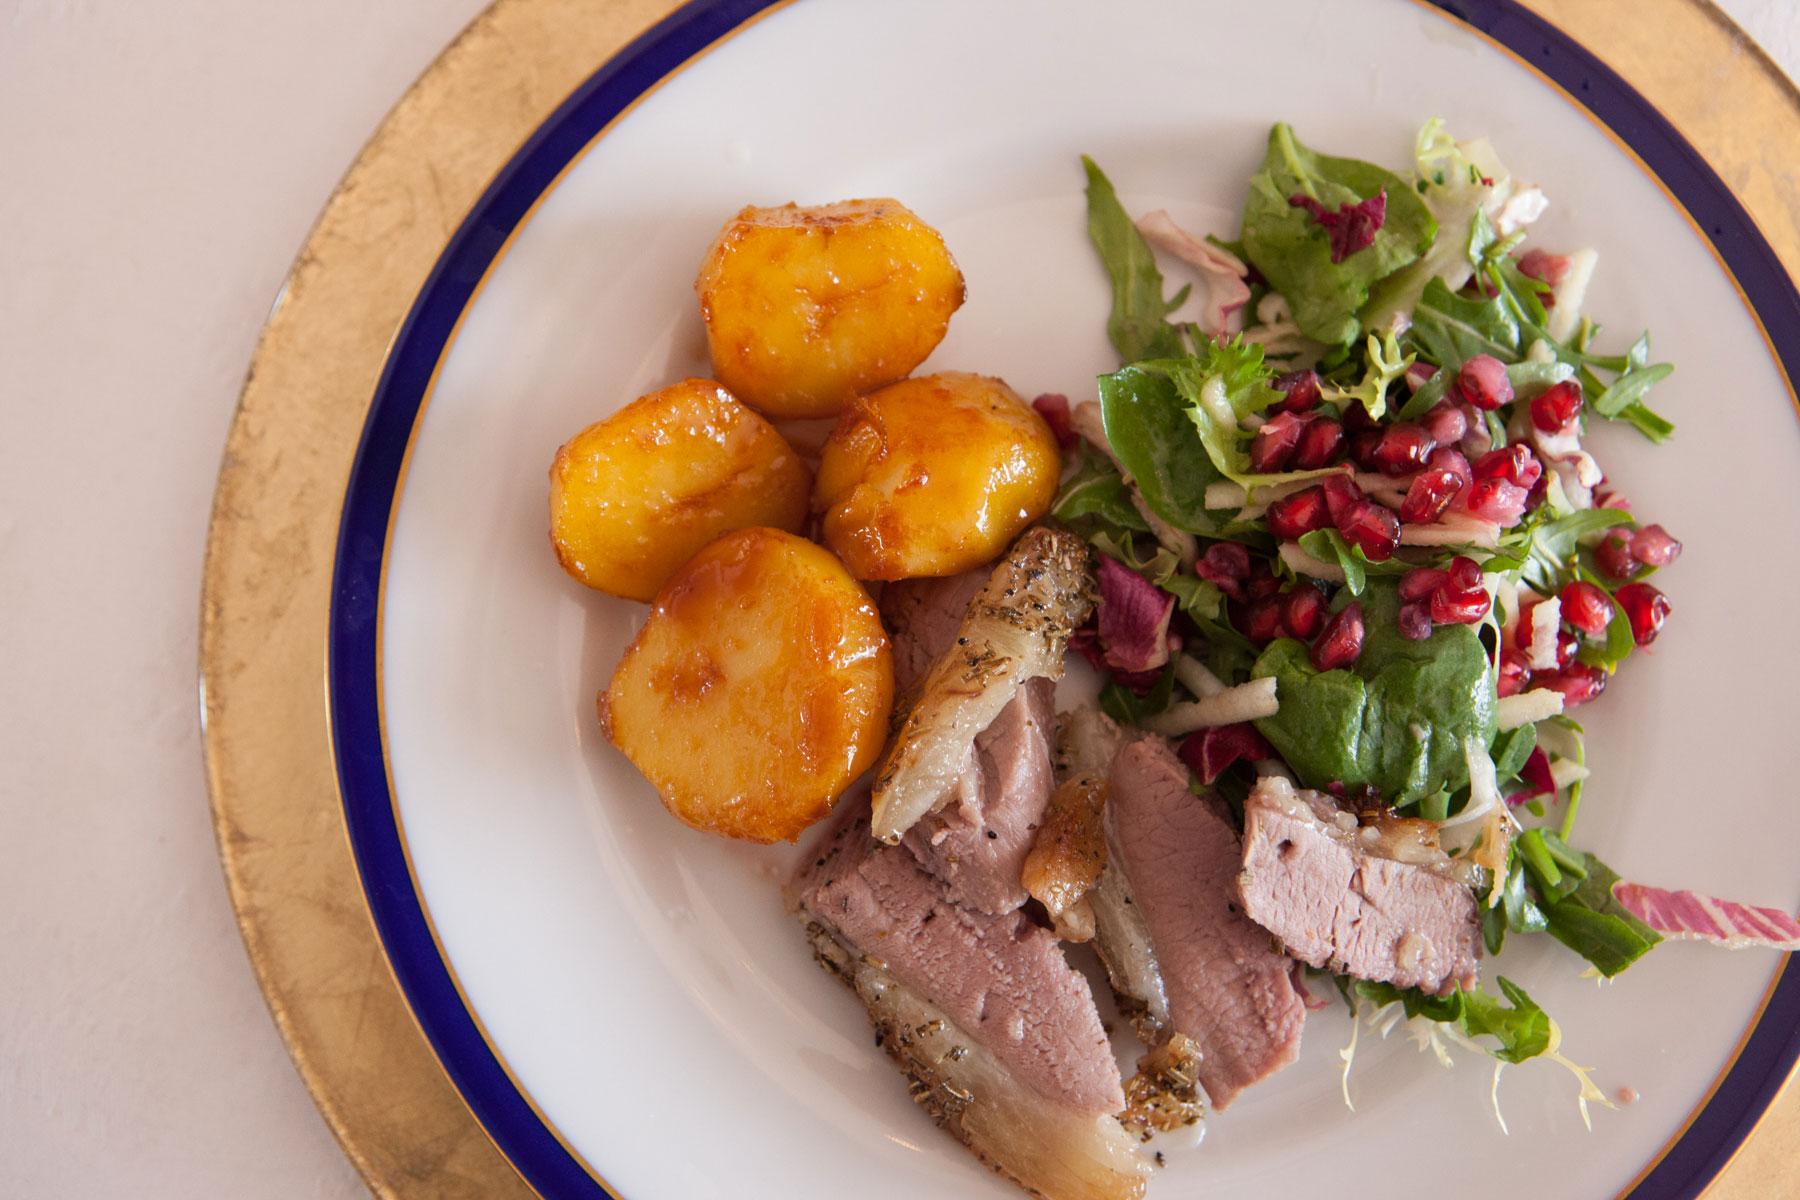 Bildergebnis für Icelandic caramelized potatoes